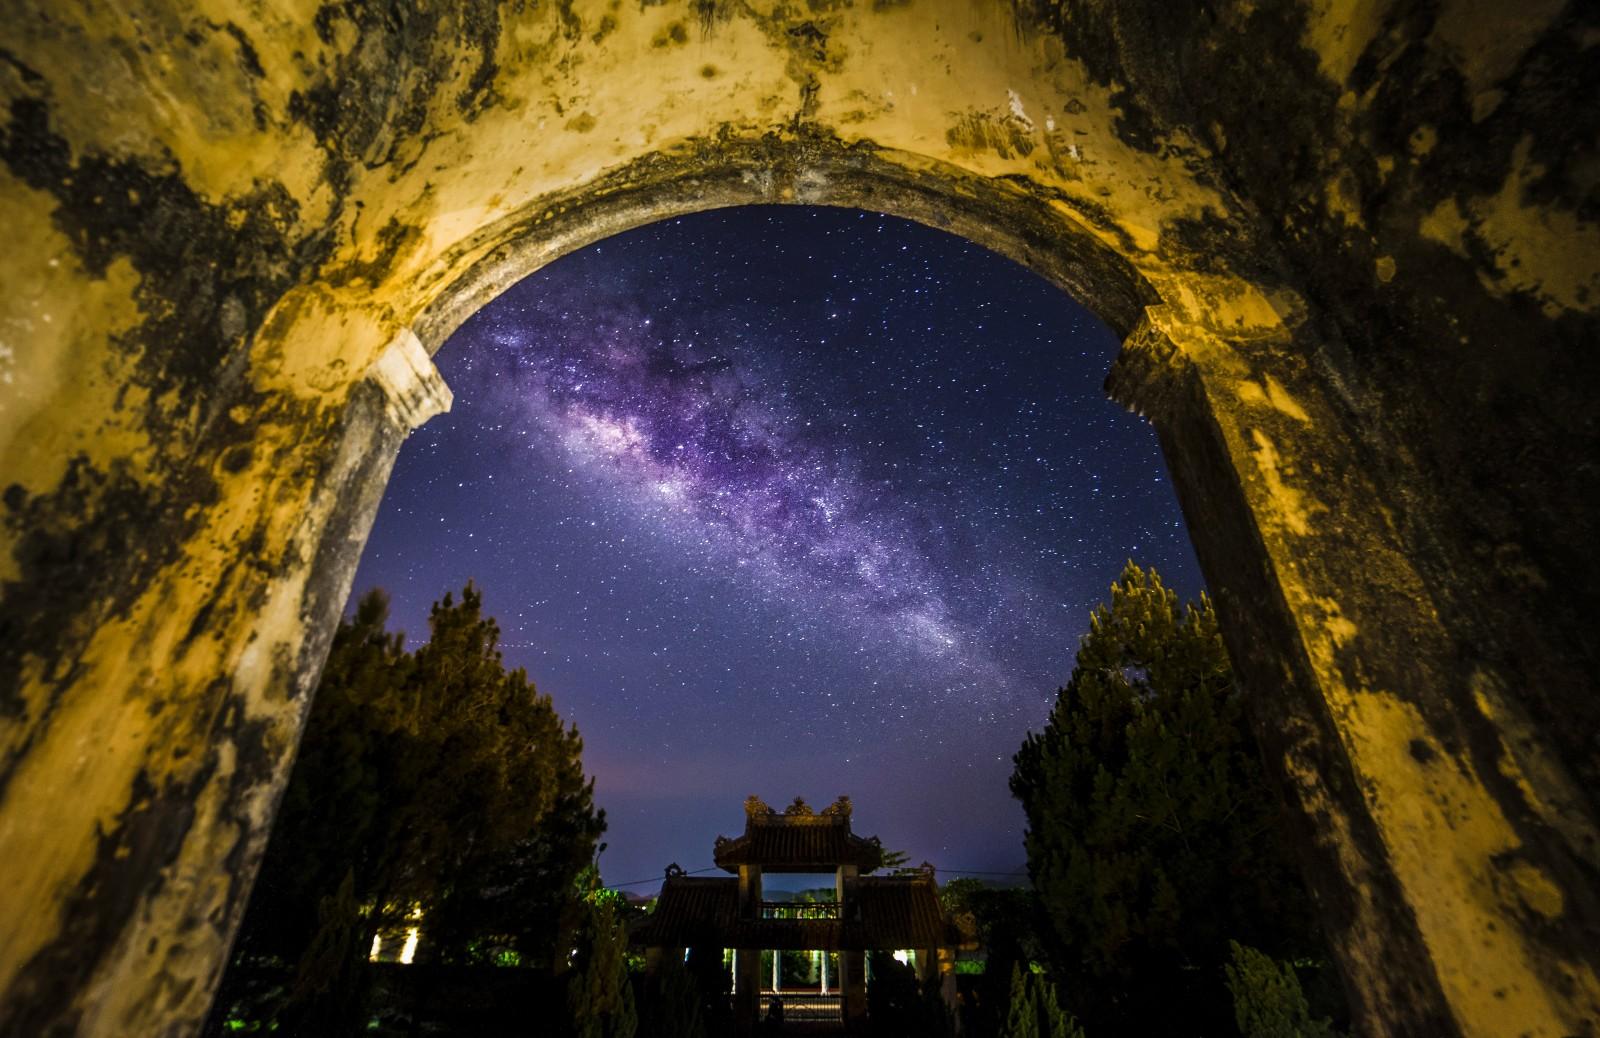 Một cánh cổng di tích cổ về đêm với dải ngân hà.